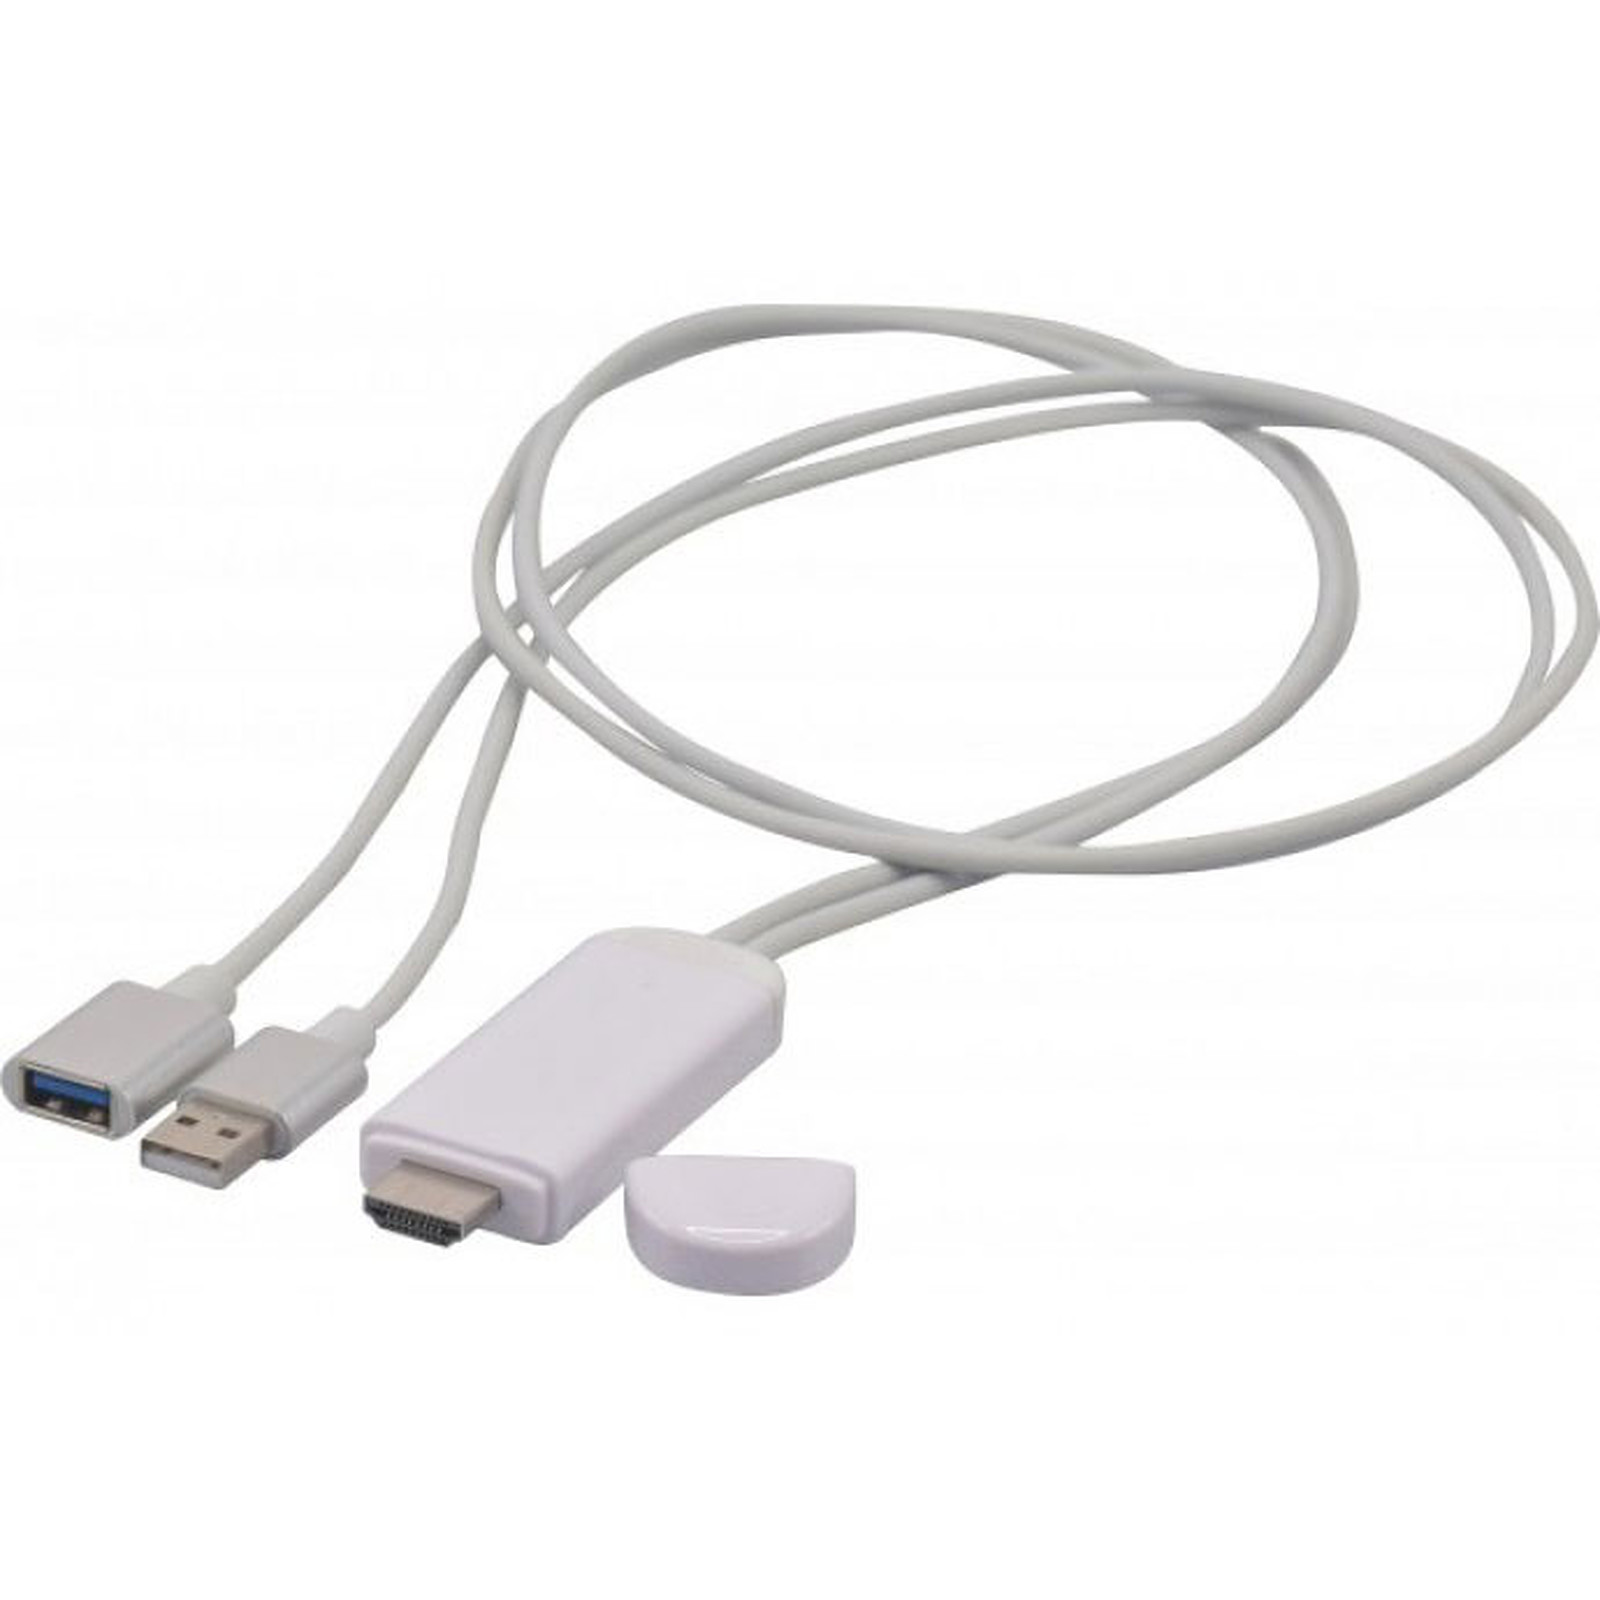 Cordon Usb Vers Hdmi 1 M Accessoires Apple G 233 N 233 Rique